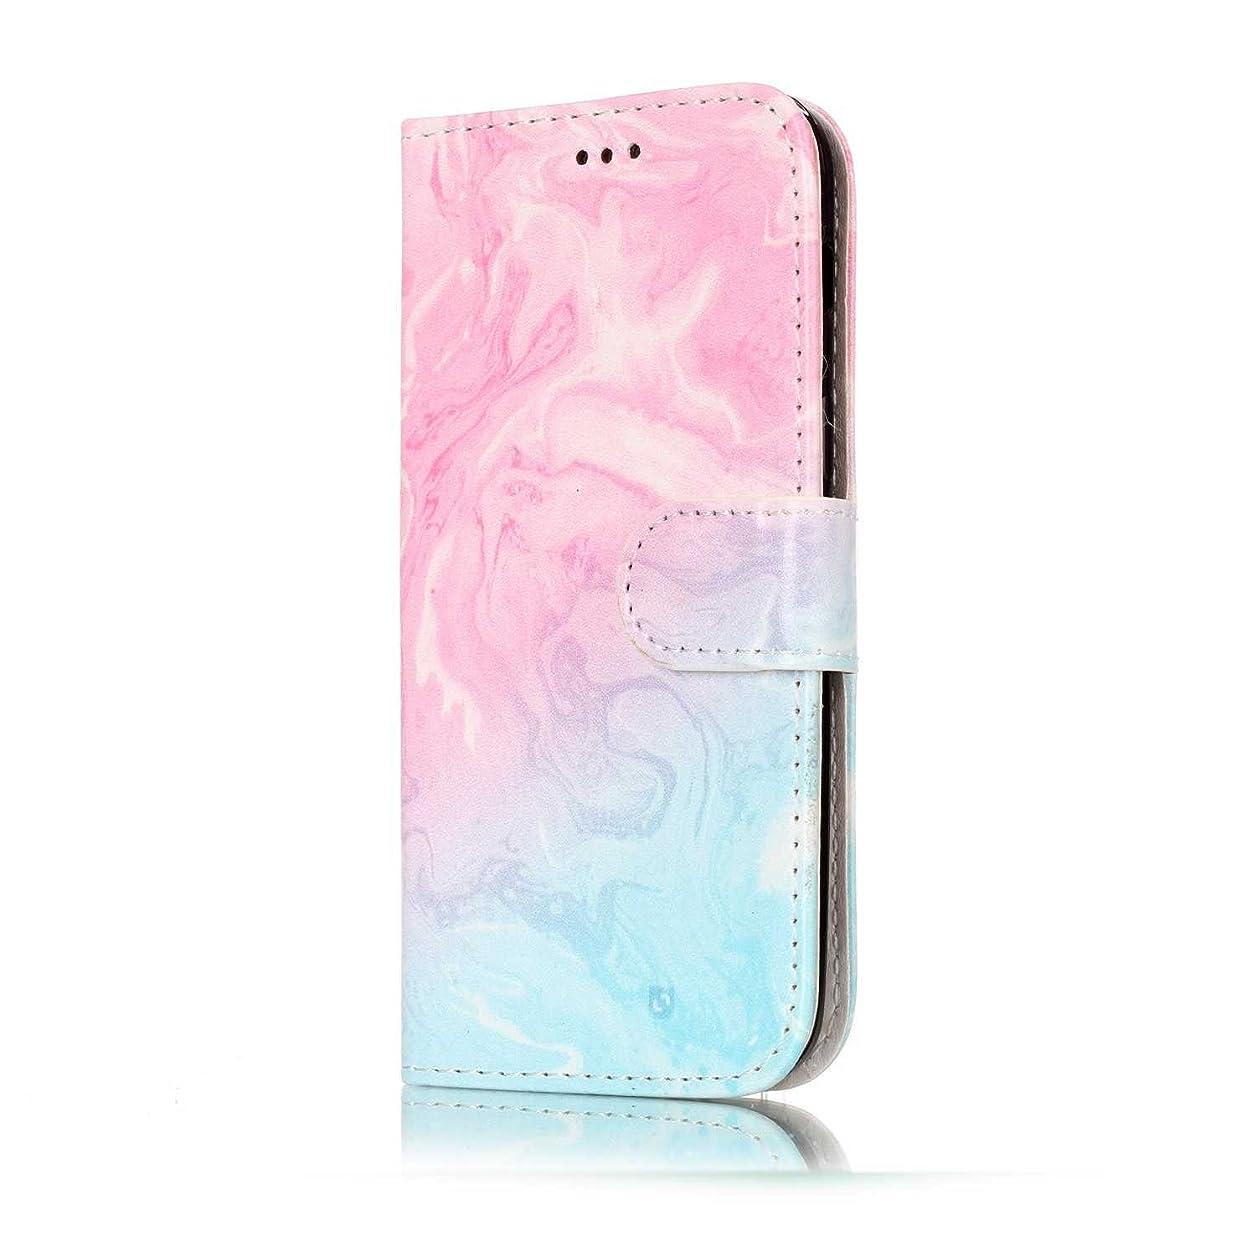 福祉白内障比喩CUNUS Galaxy A5 2017 ケース, 落下防止 可愛 軽量 カード収納 合皮レザー スタンド機能 耐汚れ高品質 スマホ ケース, ピンク 1